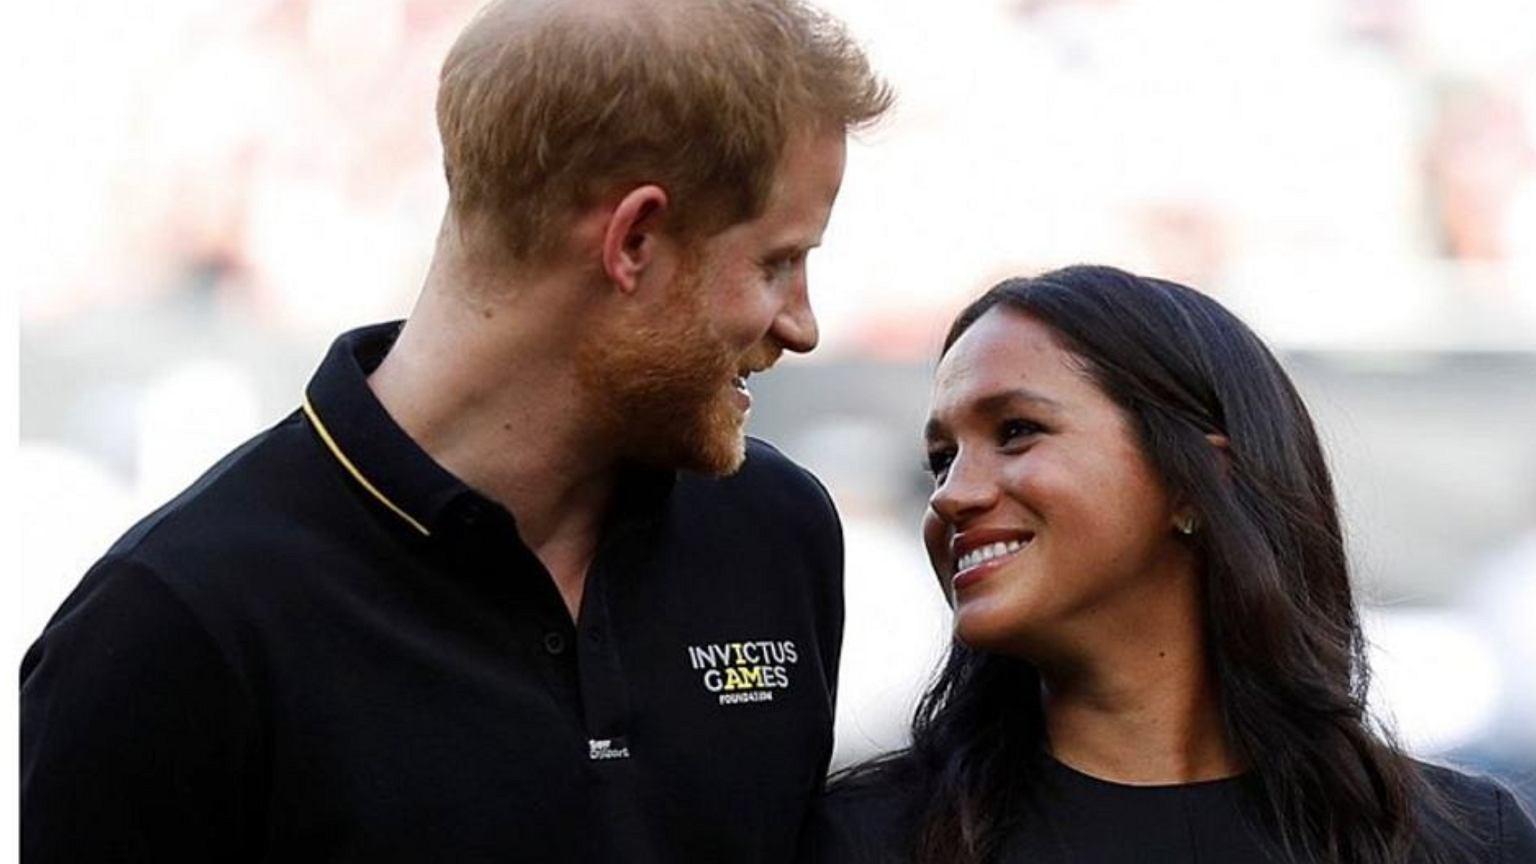 Nikt nie chce płacić za ochronę Meghan Markle i księcia Harry'ego. Brytyjczycy: Niech się dołożą, z głodu nie umrą!